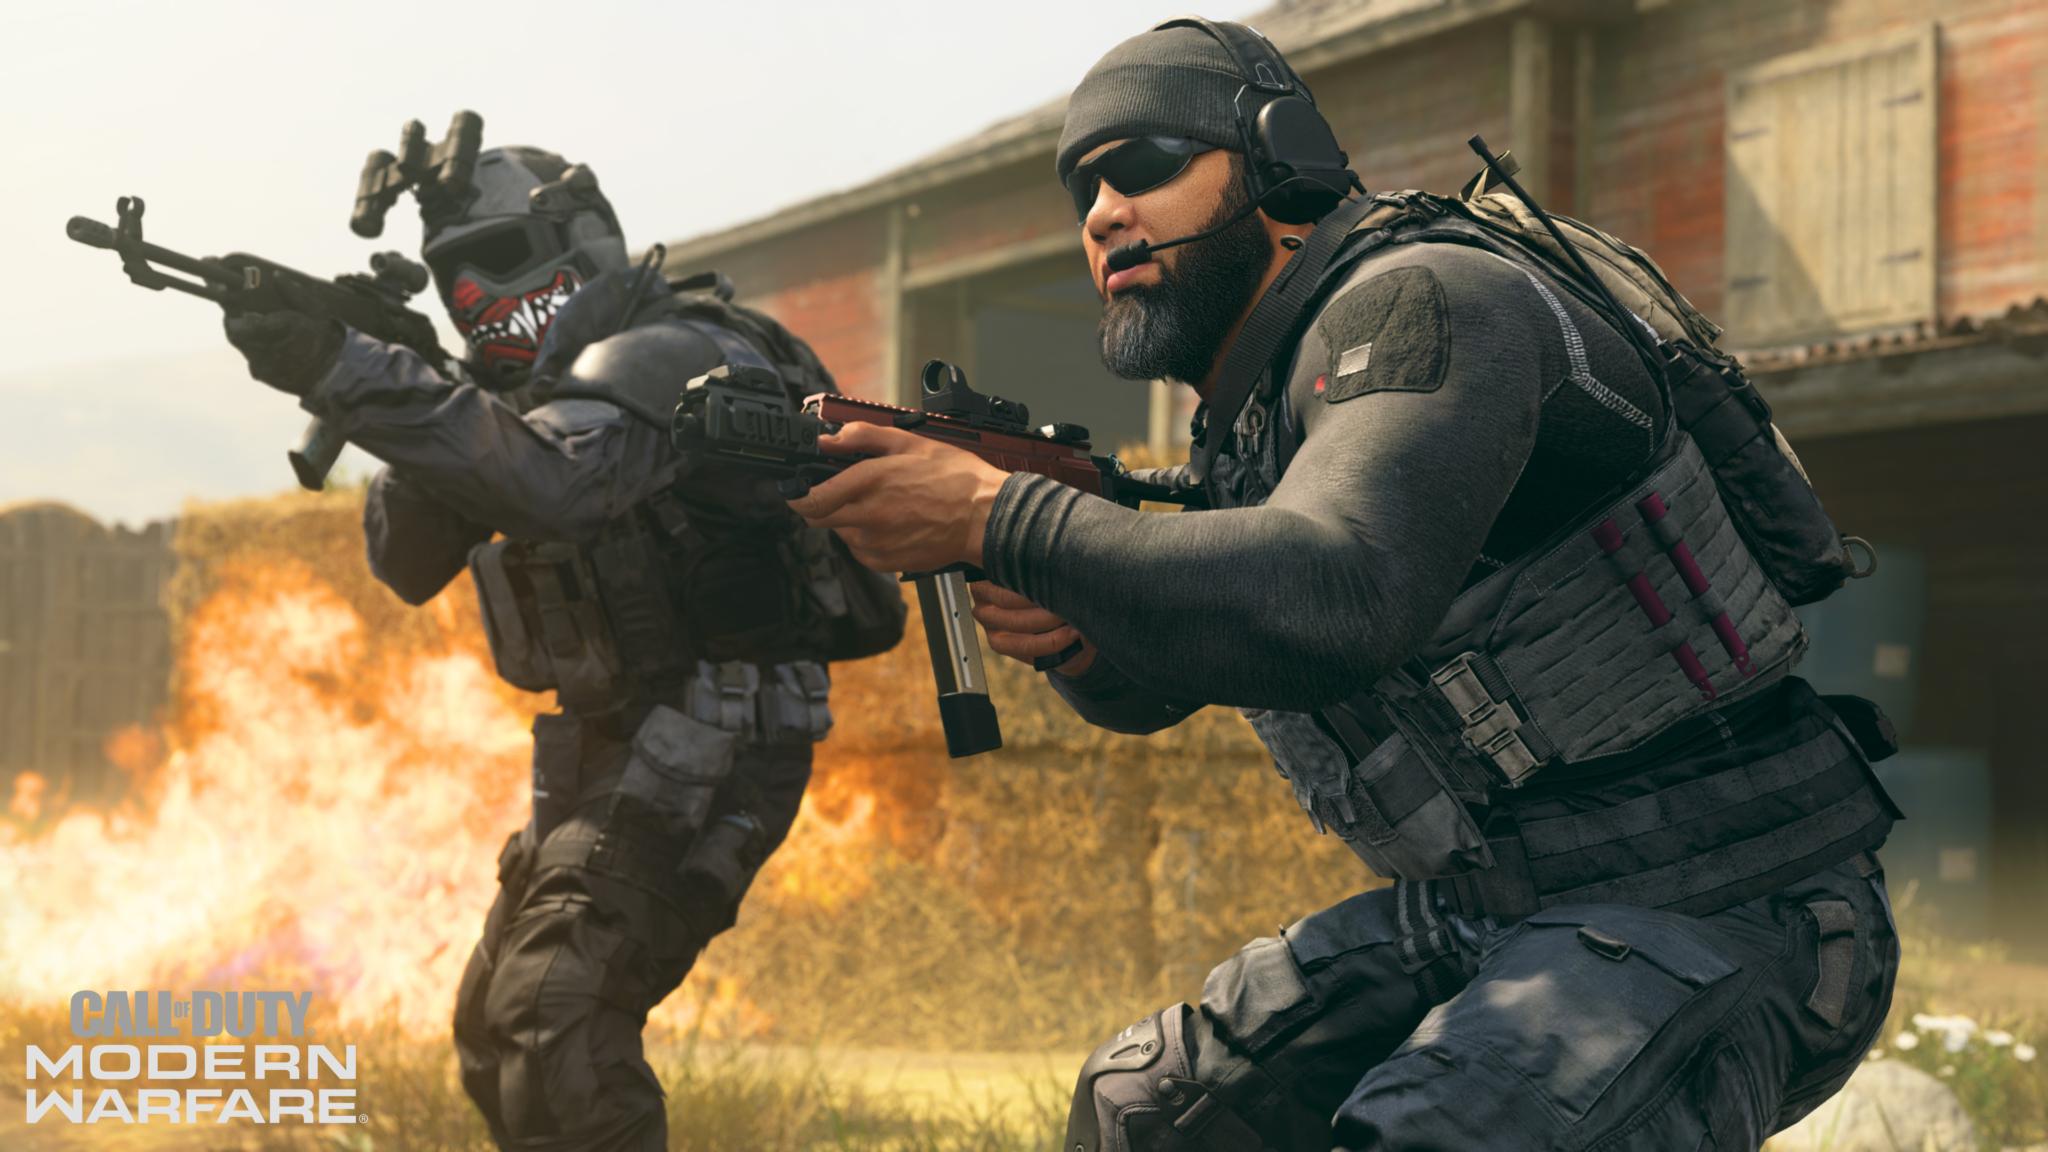 Modern Warfare Season 5 gameplay